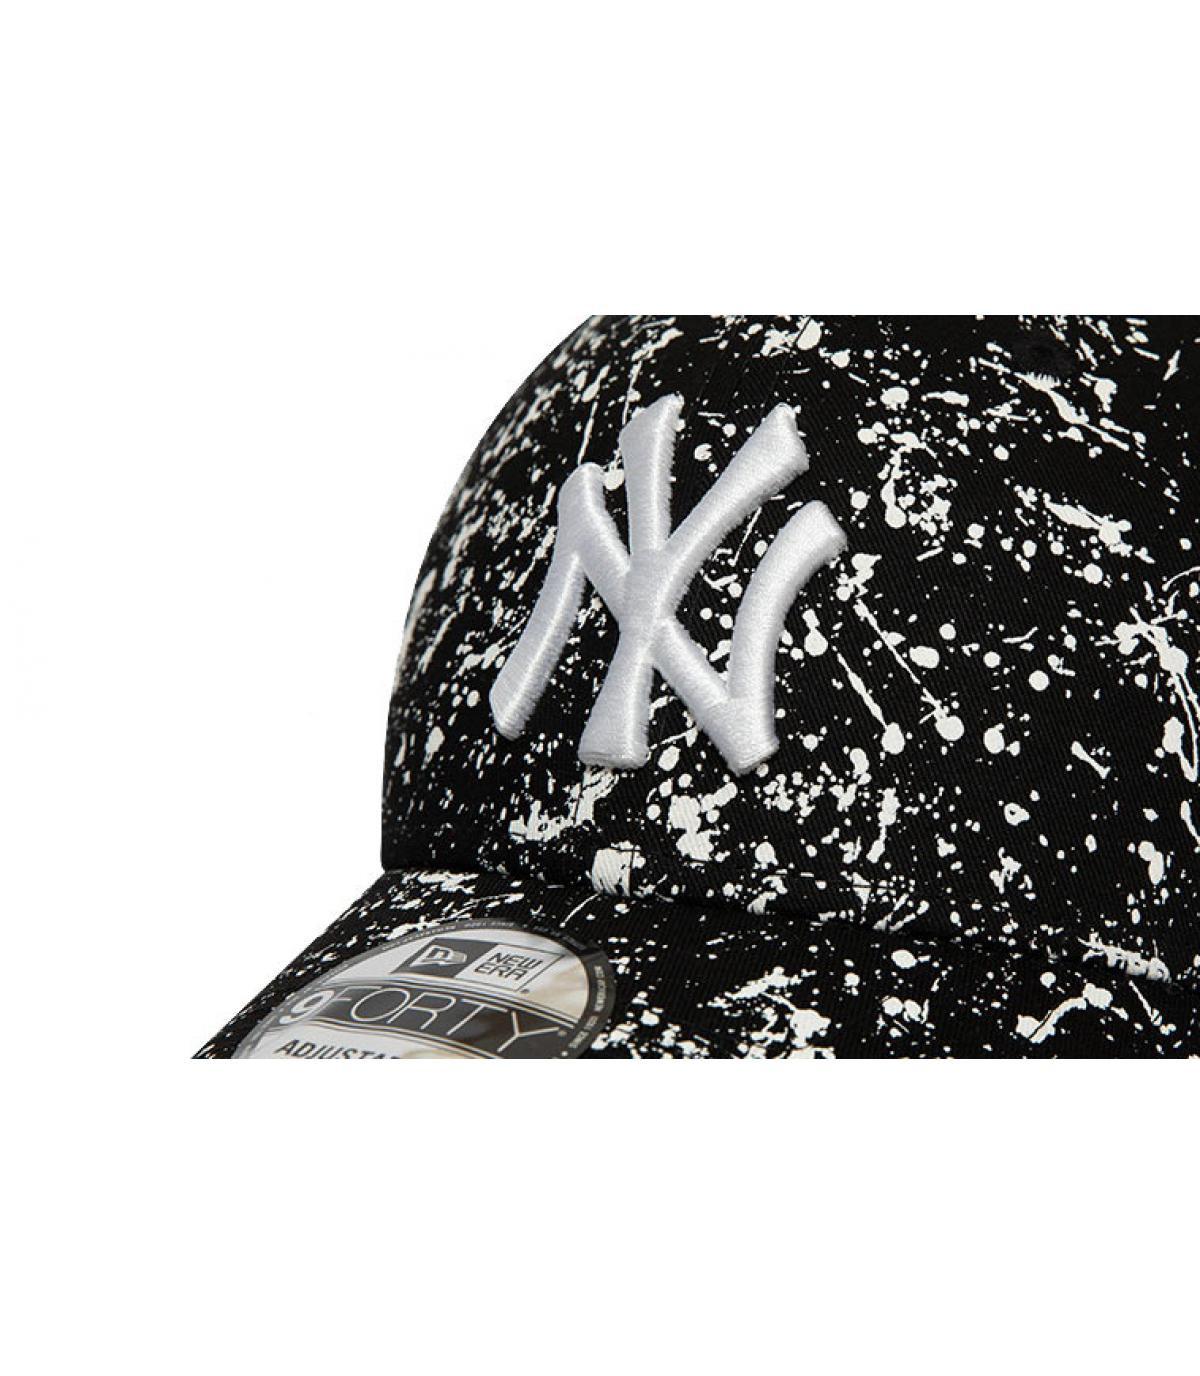 Détails Casquette MLB Paints NY 940 black - image 3